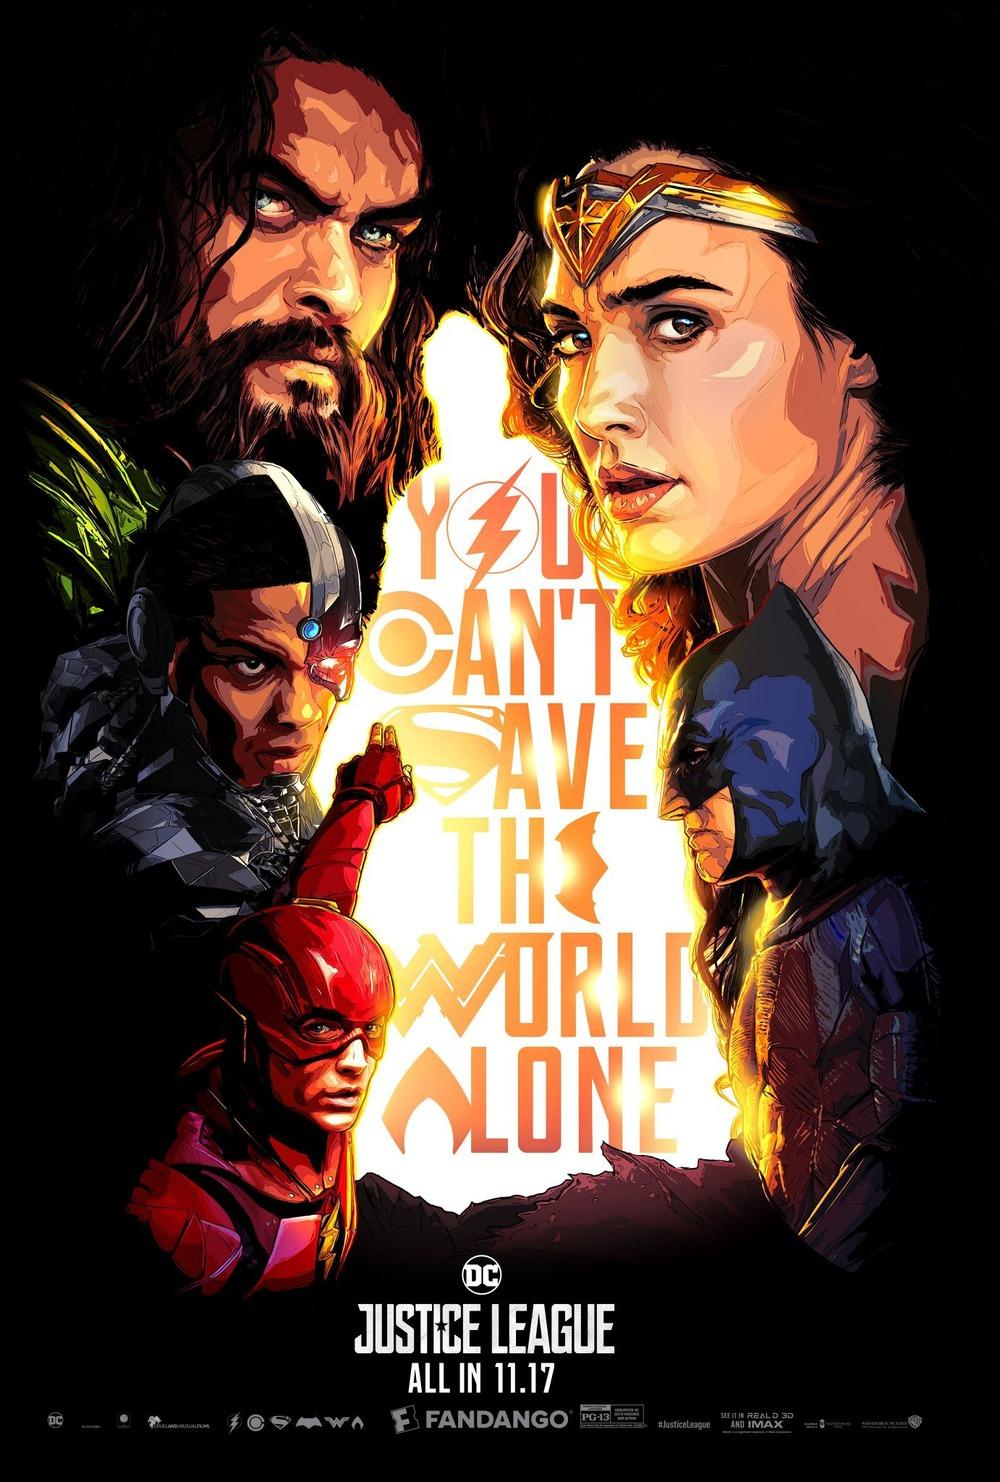 Justice League DVD Release Date | Redbox, Netflix, ITunes